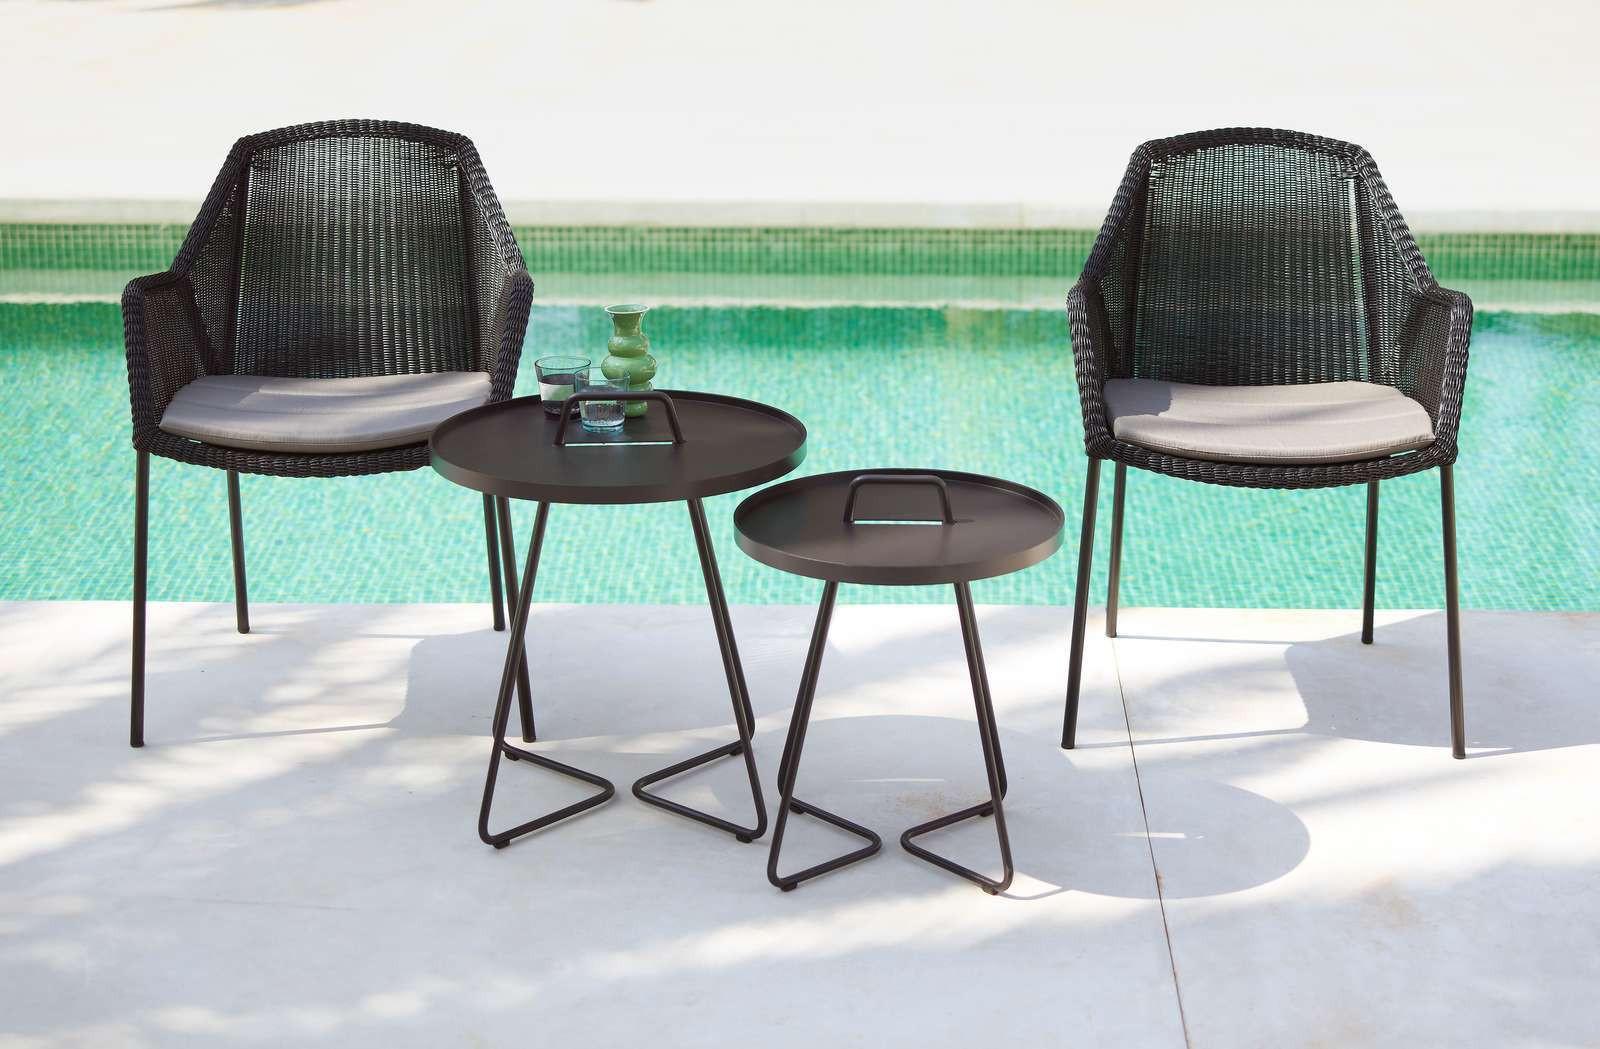 Breeze Kissen für Outdoor Stuhl Vierfußgestell Cane-Line hellgrau